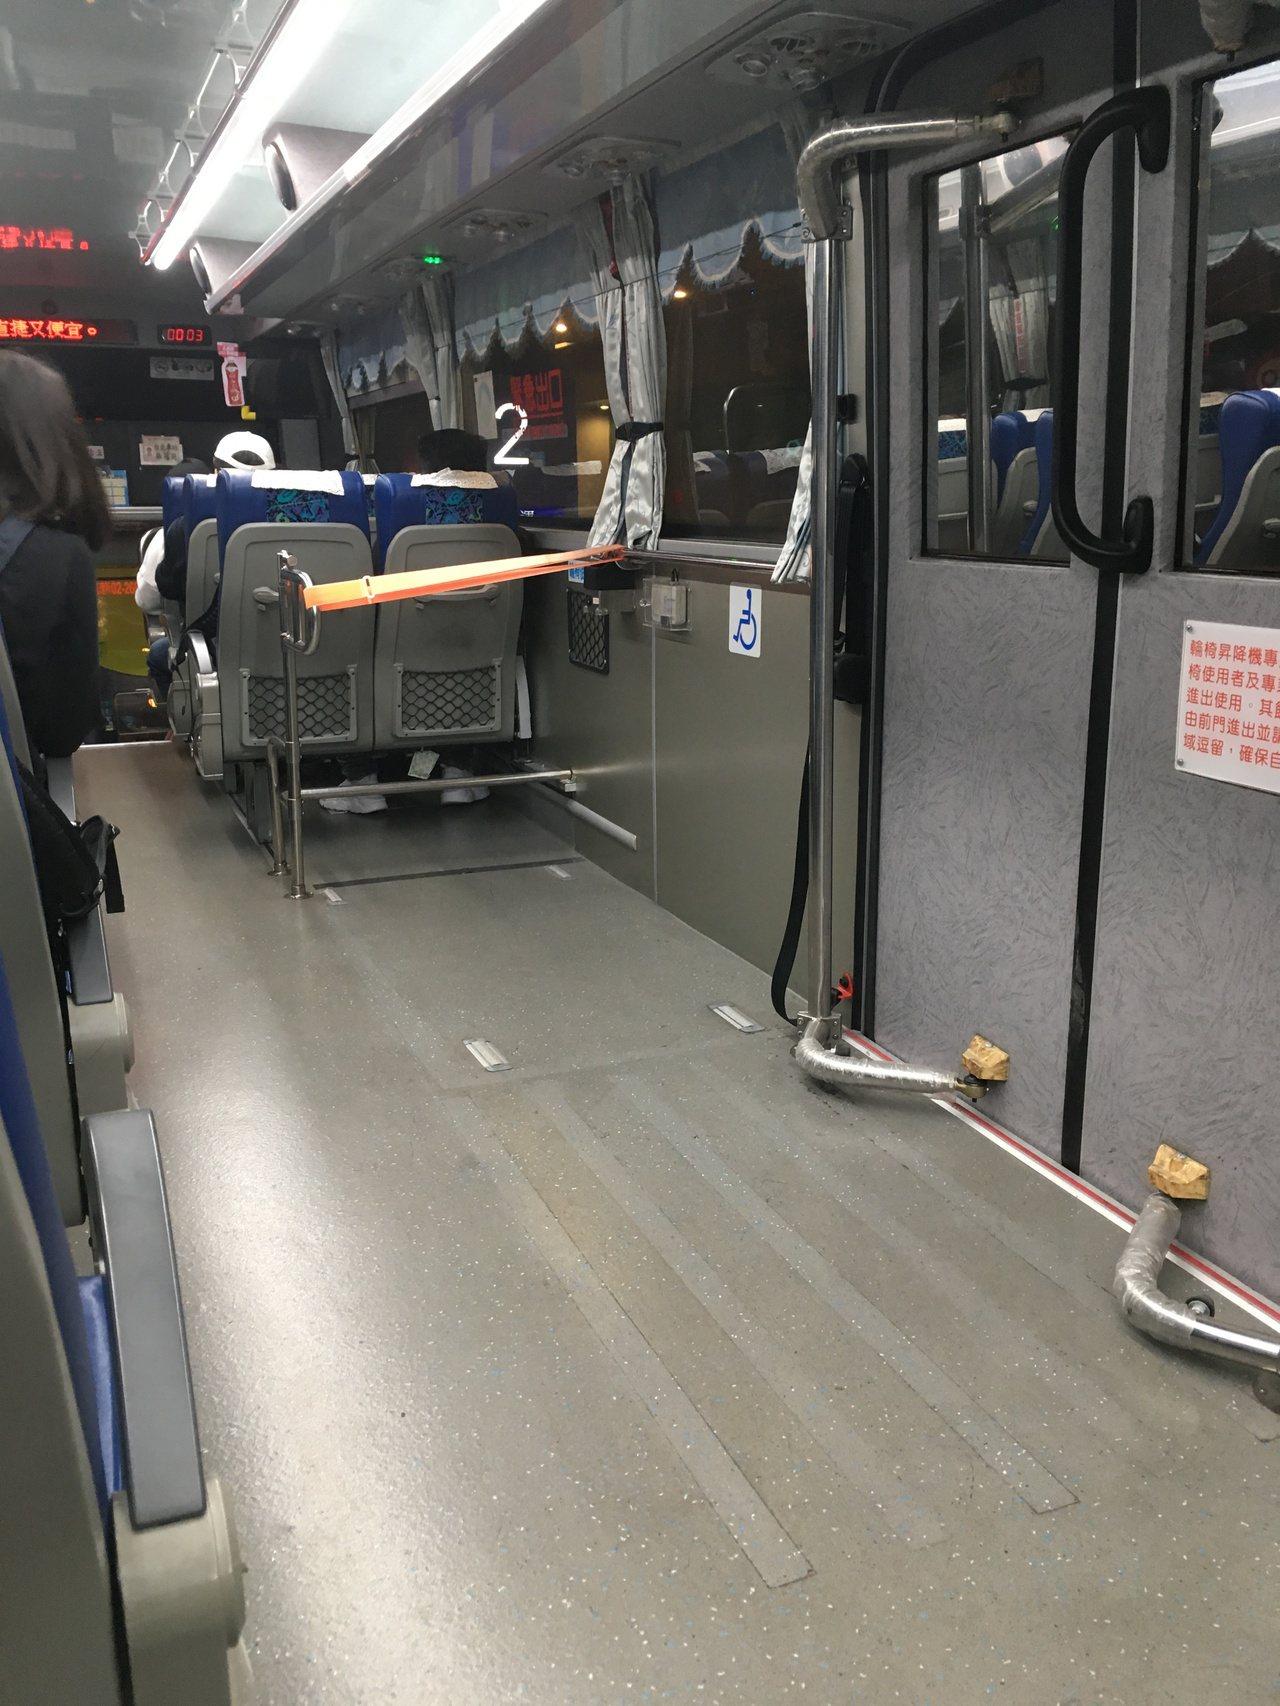 長途客運只有很低比例改裝無障礙設施:本圖為國光客運的無障礙巴士,可看到必須另外加...